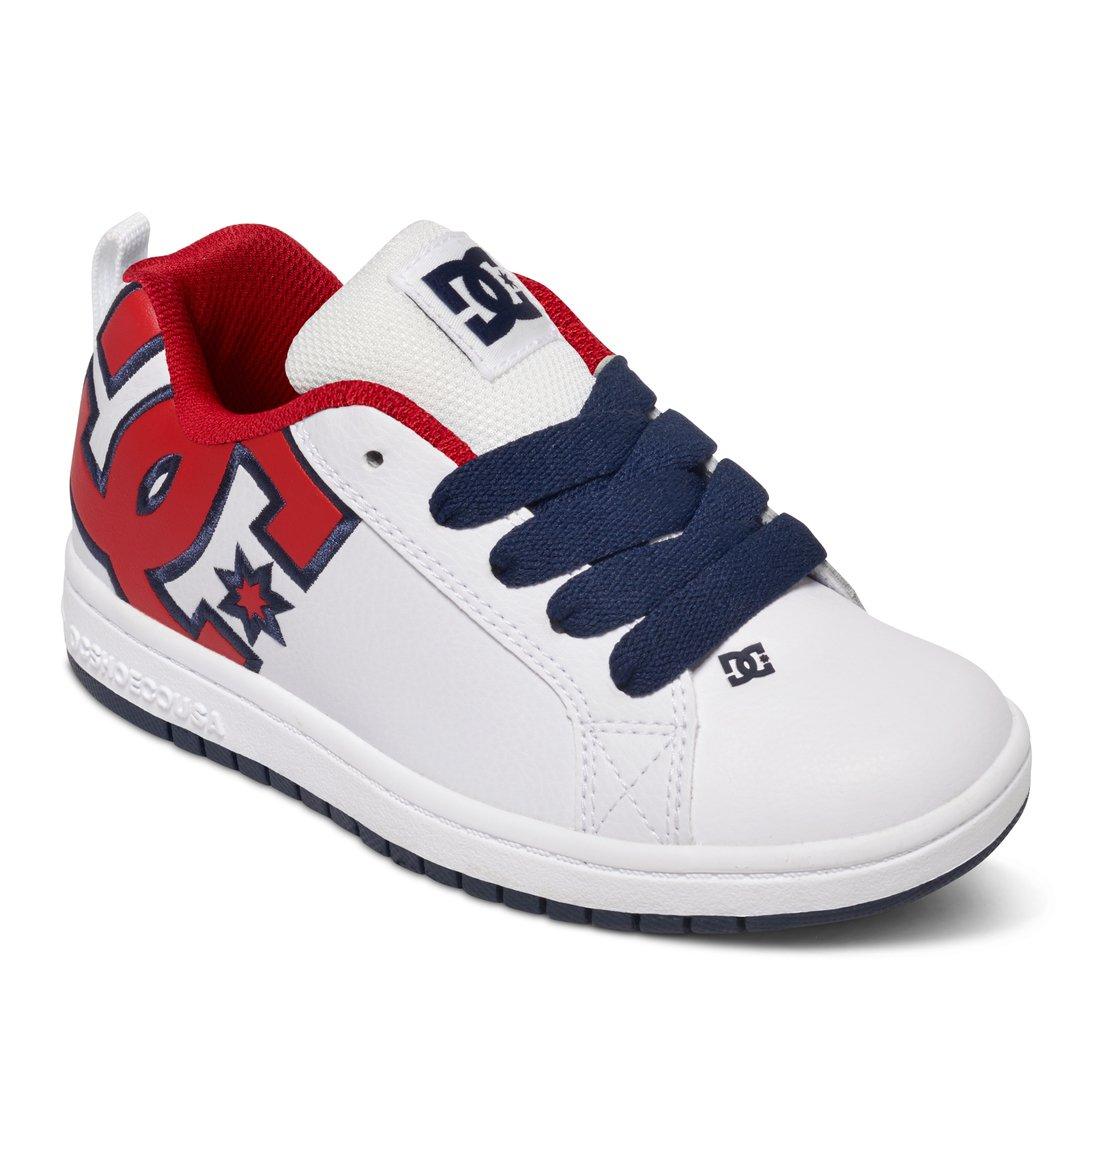 Dc Shoes Court Graffik Red